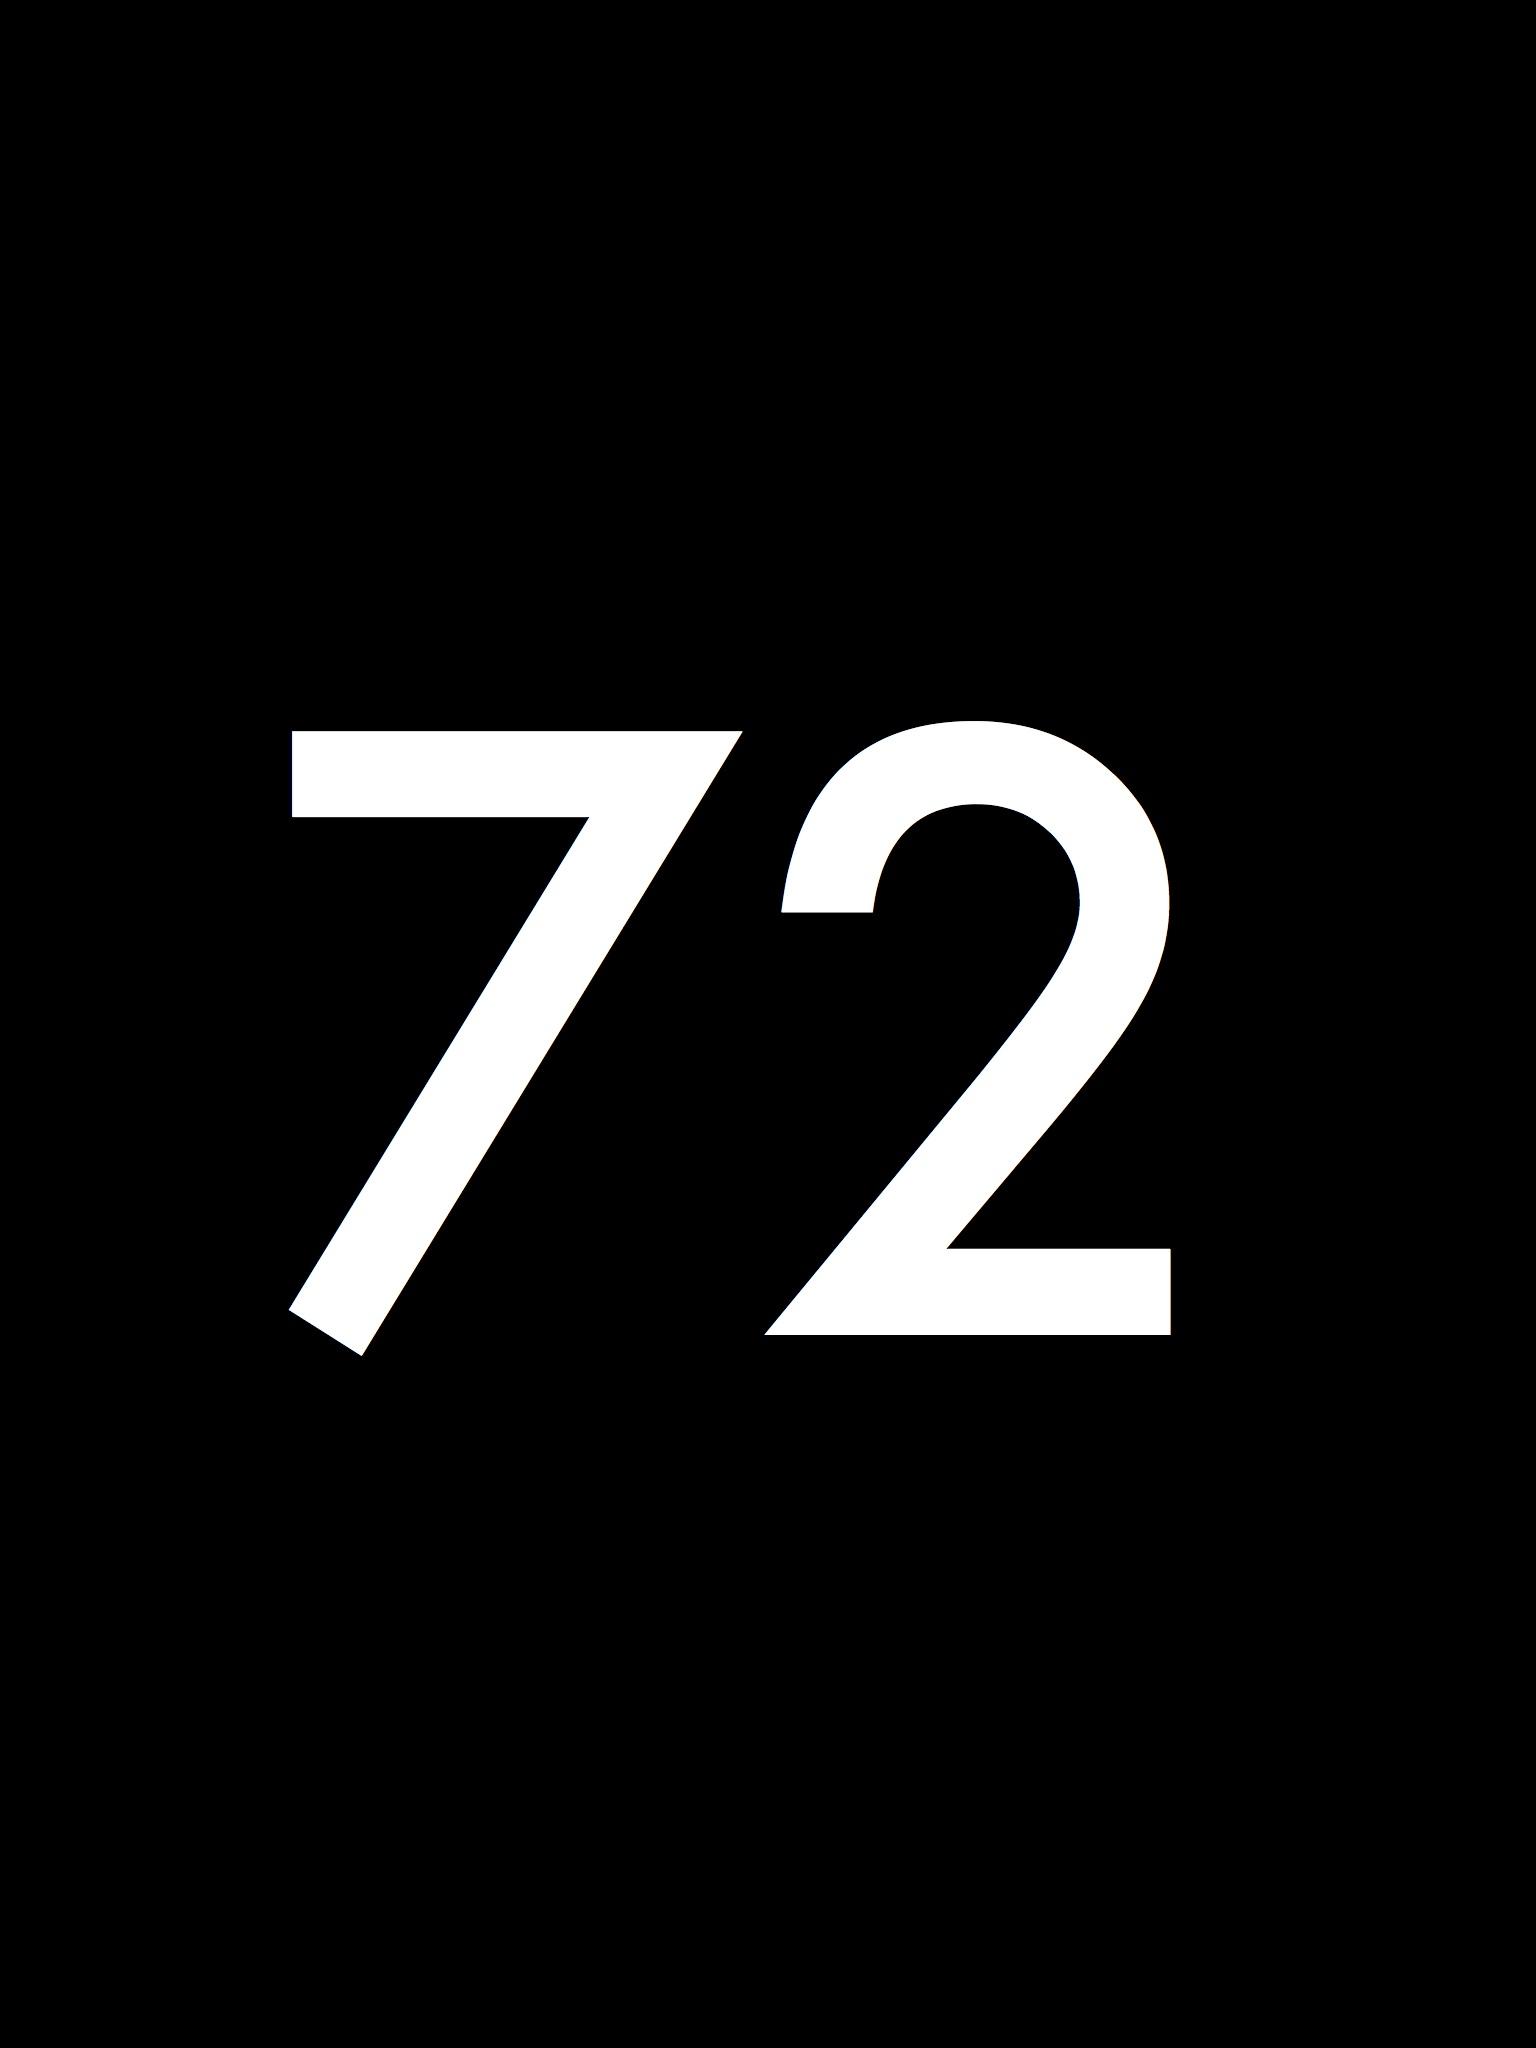 Black_Number.072.jpg